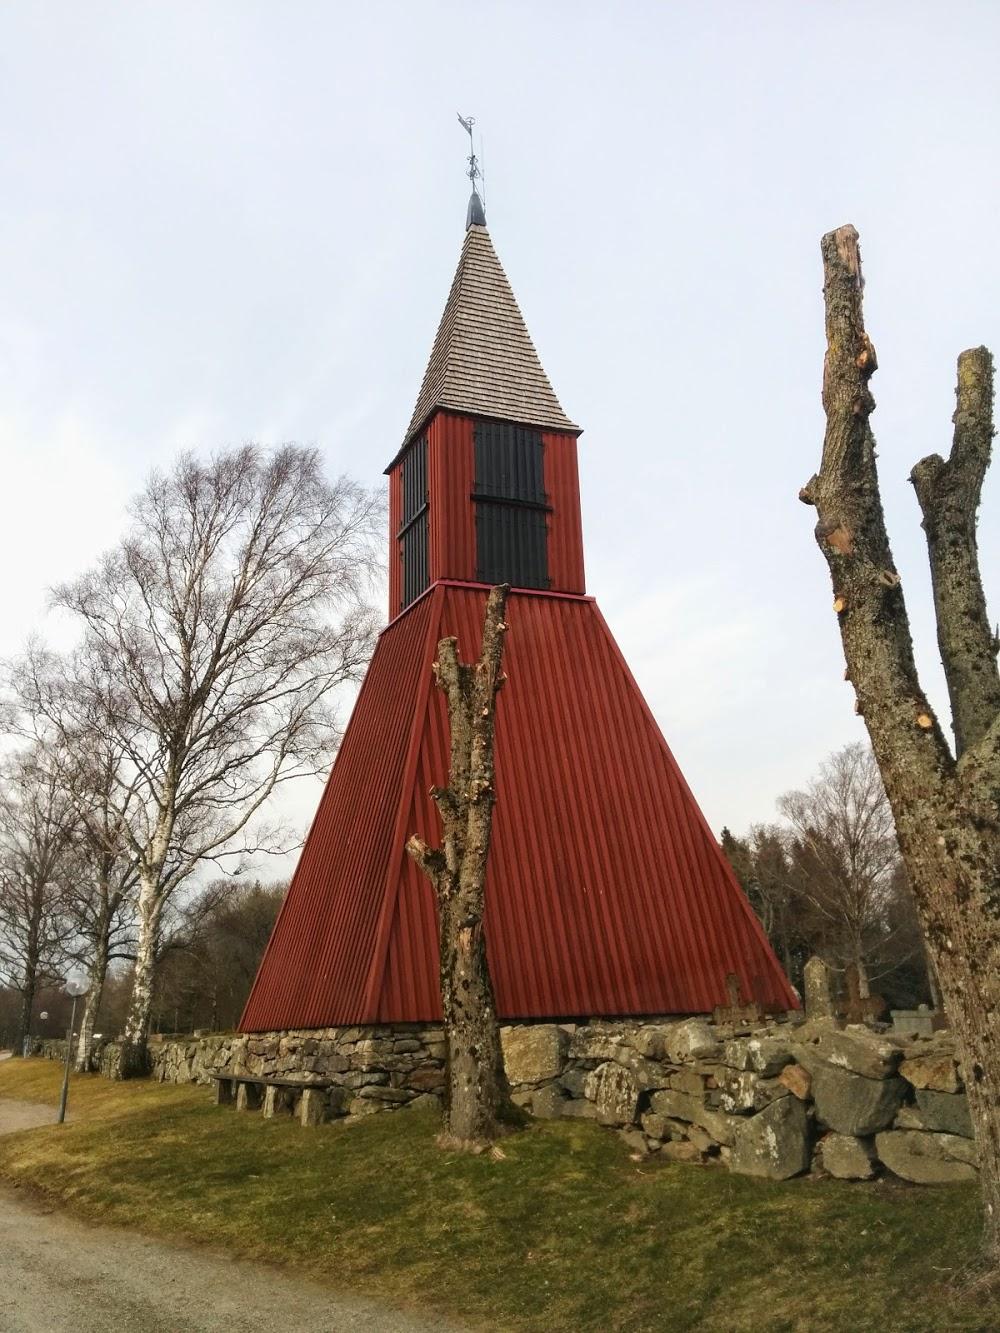 Naverstads kyrkogård